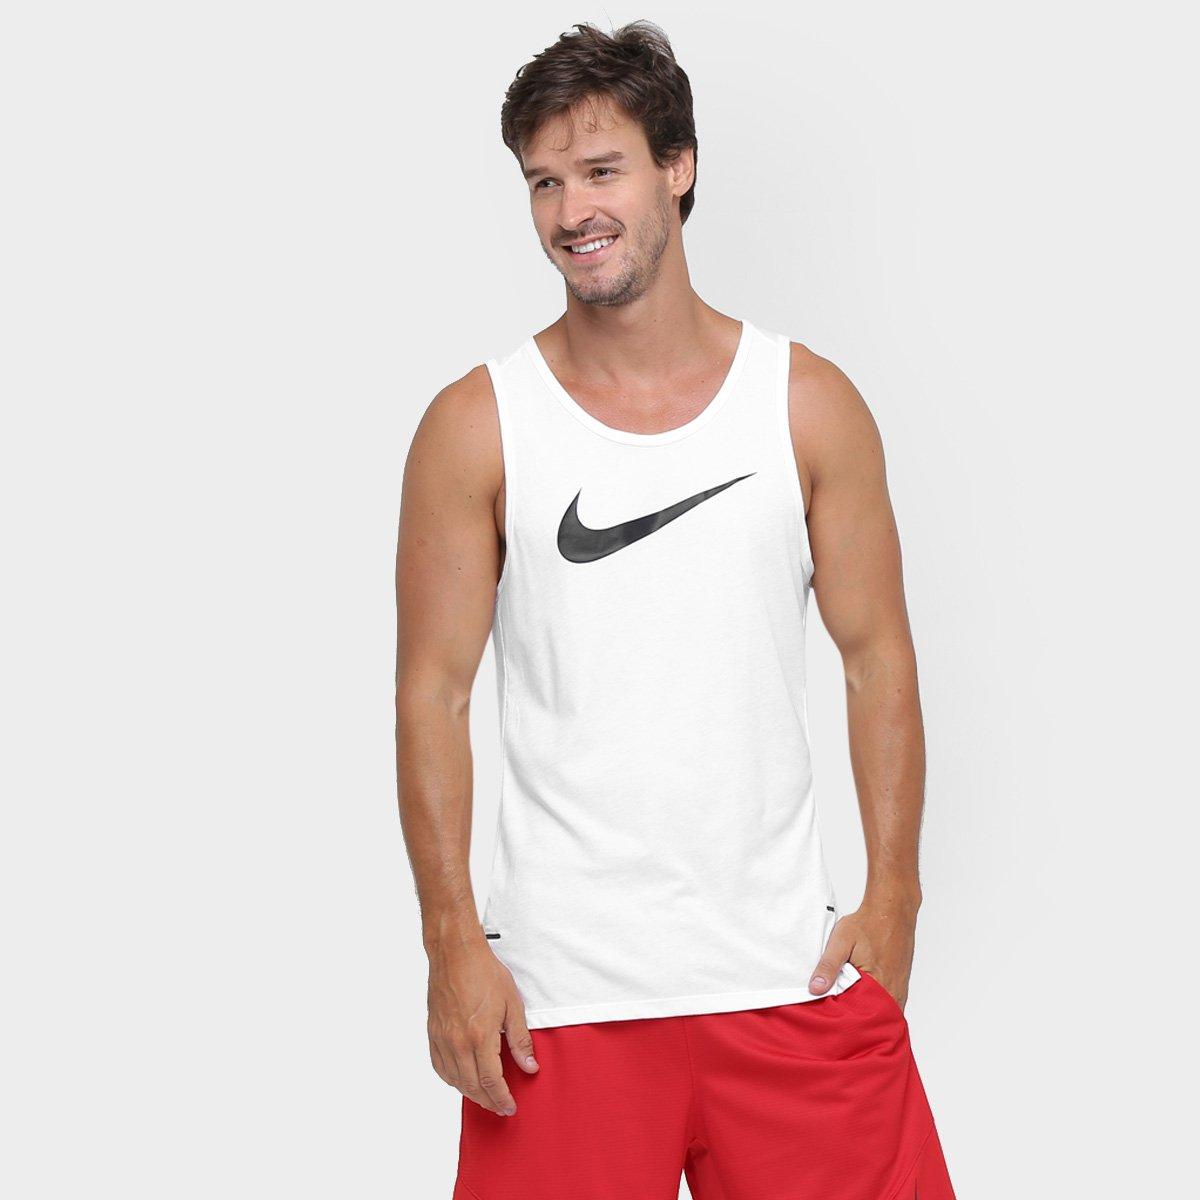 e2236d8fe87bf Camiseta Regata Nike Top SL Elite Masculina - Compre Agora